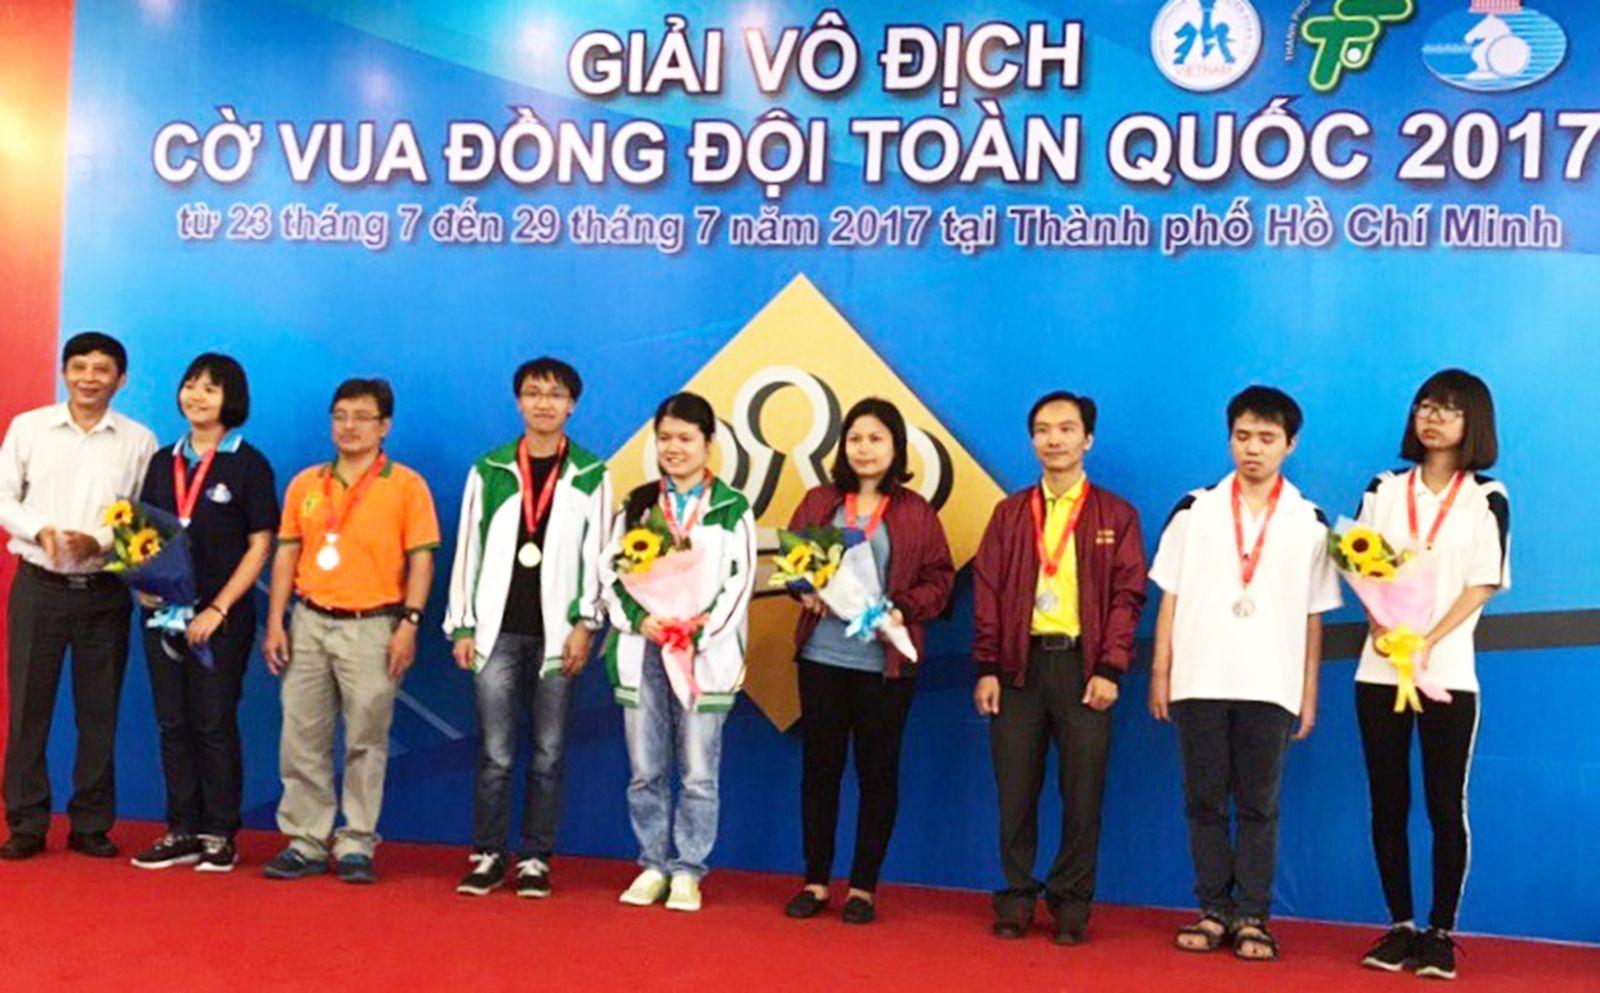 Cặp VĐV  Nguyễn Ngọc Trường Sơn - Phạm Lê Thảo Nguyên (thứ tư từ trái qua) đoạt HCV cho nội dung cờ nhanh đôi nam nữ. Ảnh: CTV